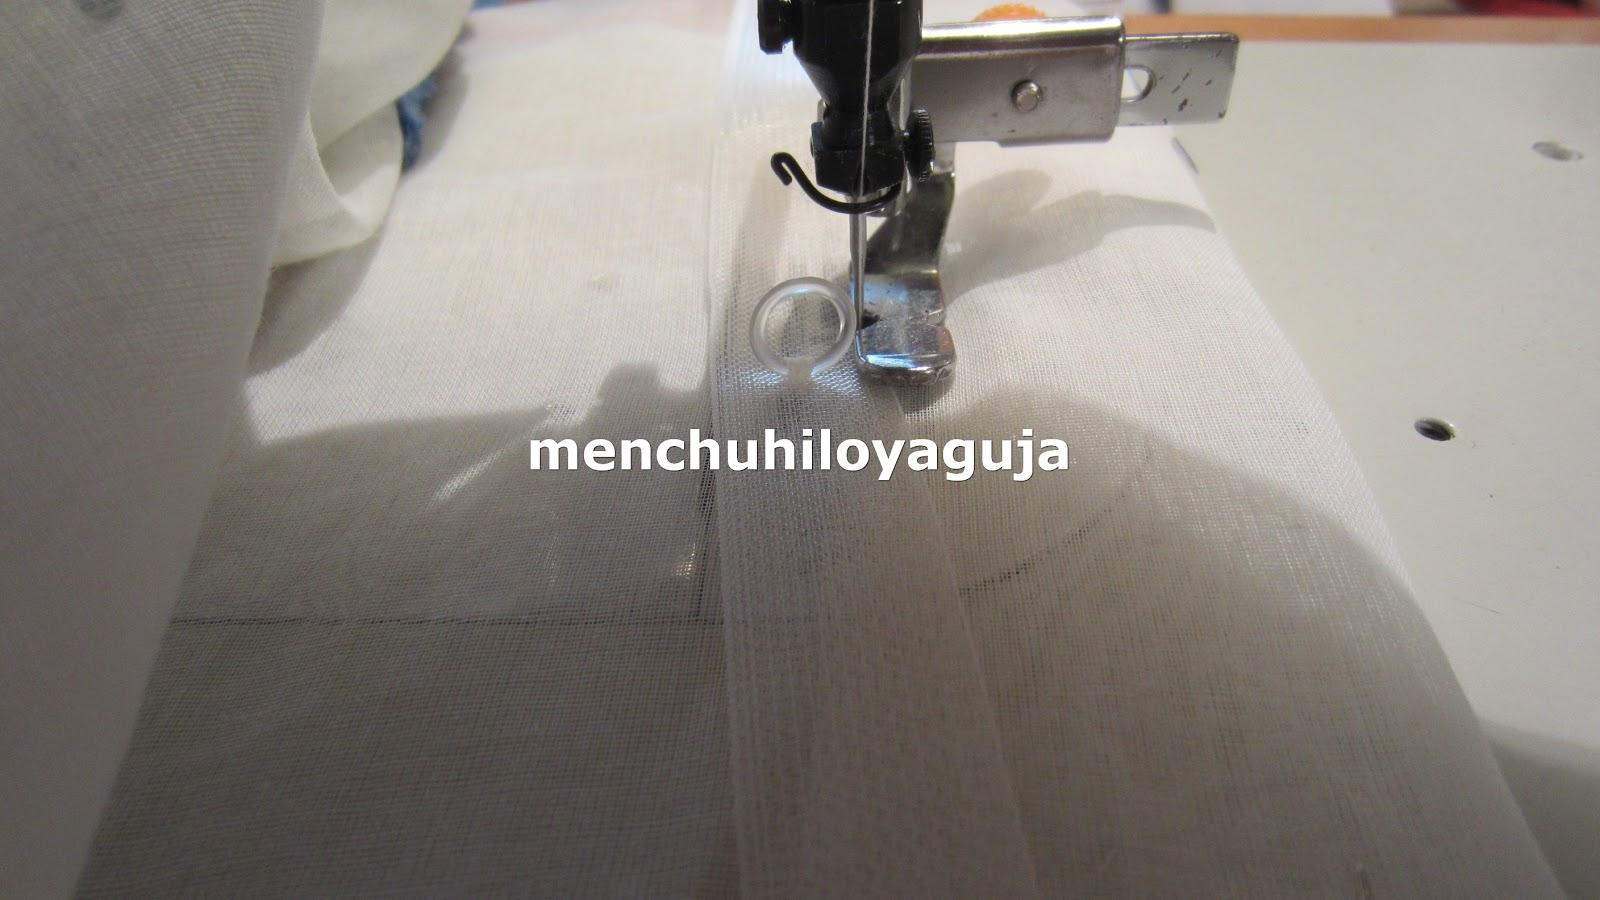 para anchos de ventanas superiores a los cm los mecanismos de estores suelen traer tres filas o ms de cuerdas en estos casos y si queremos tener dos